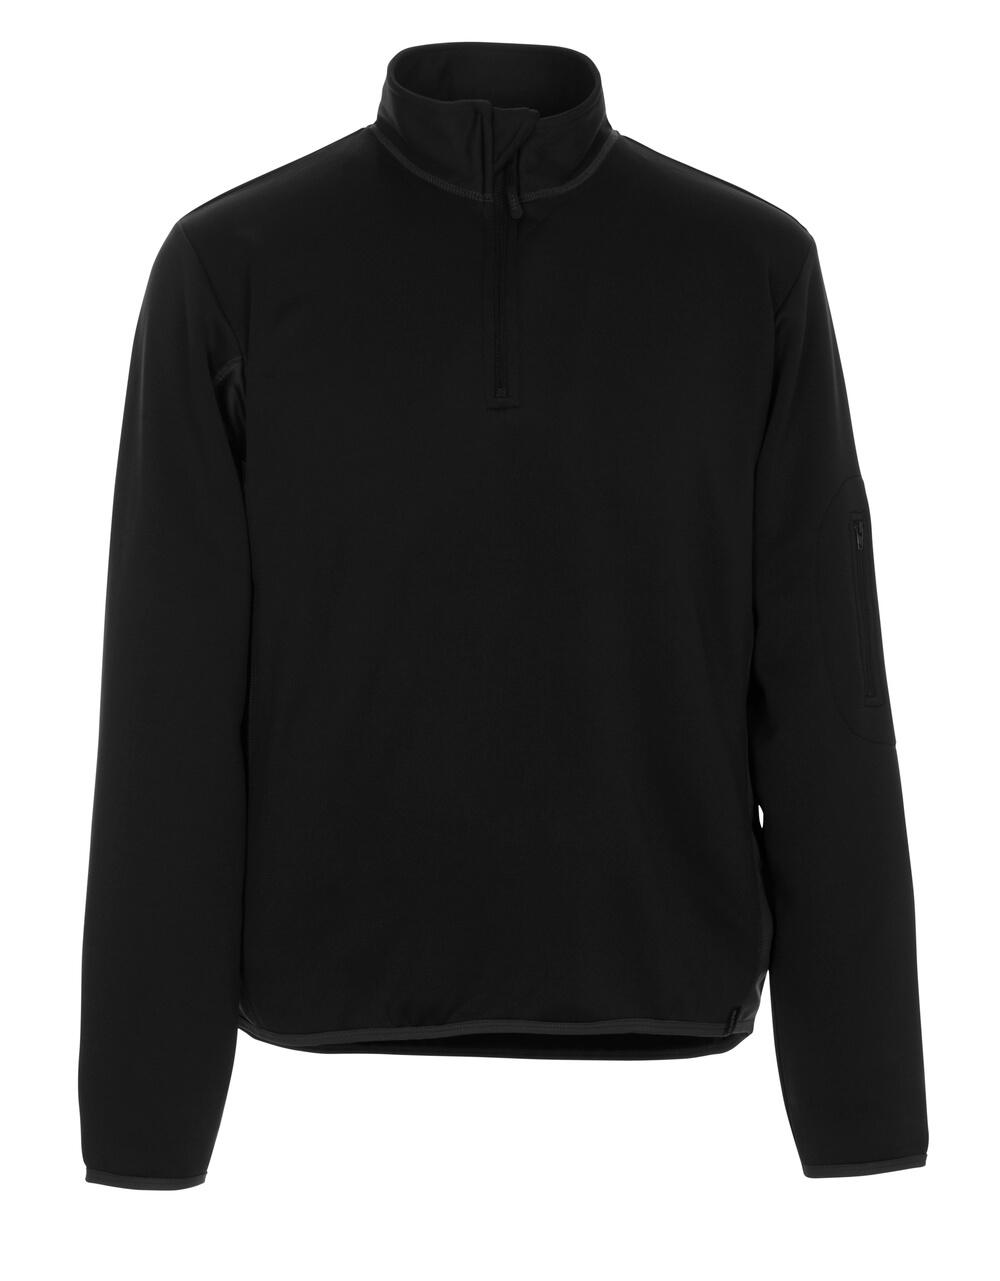 50068-828-0918 Sweatshirt polo - Noir/Anthracite foncé